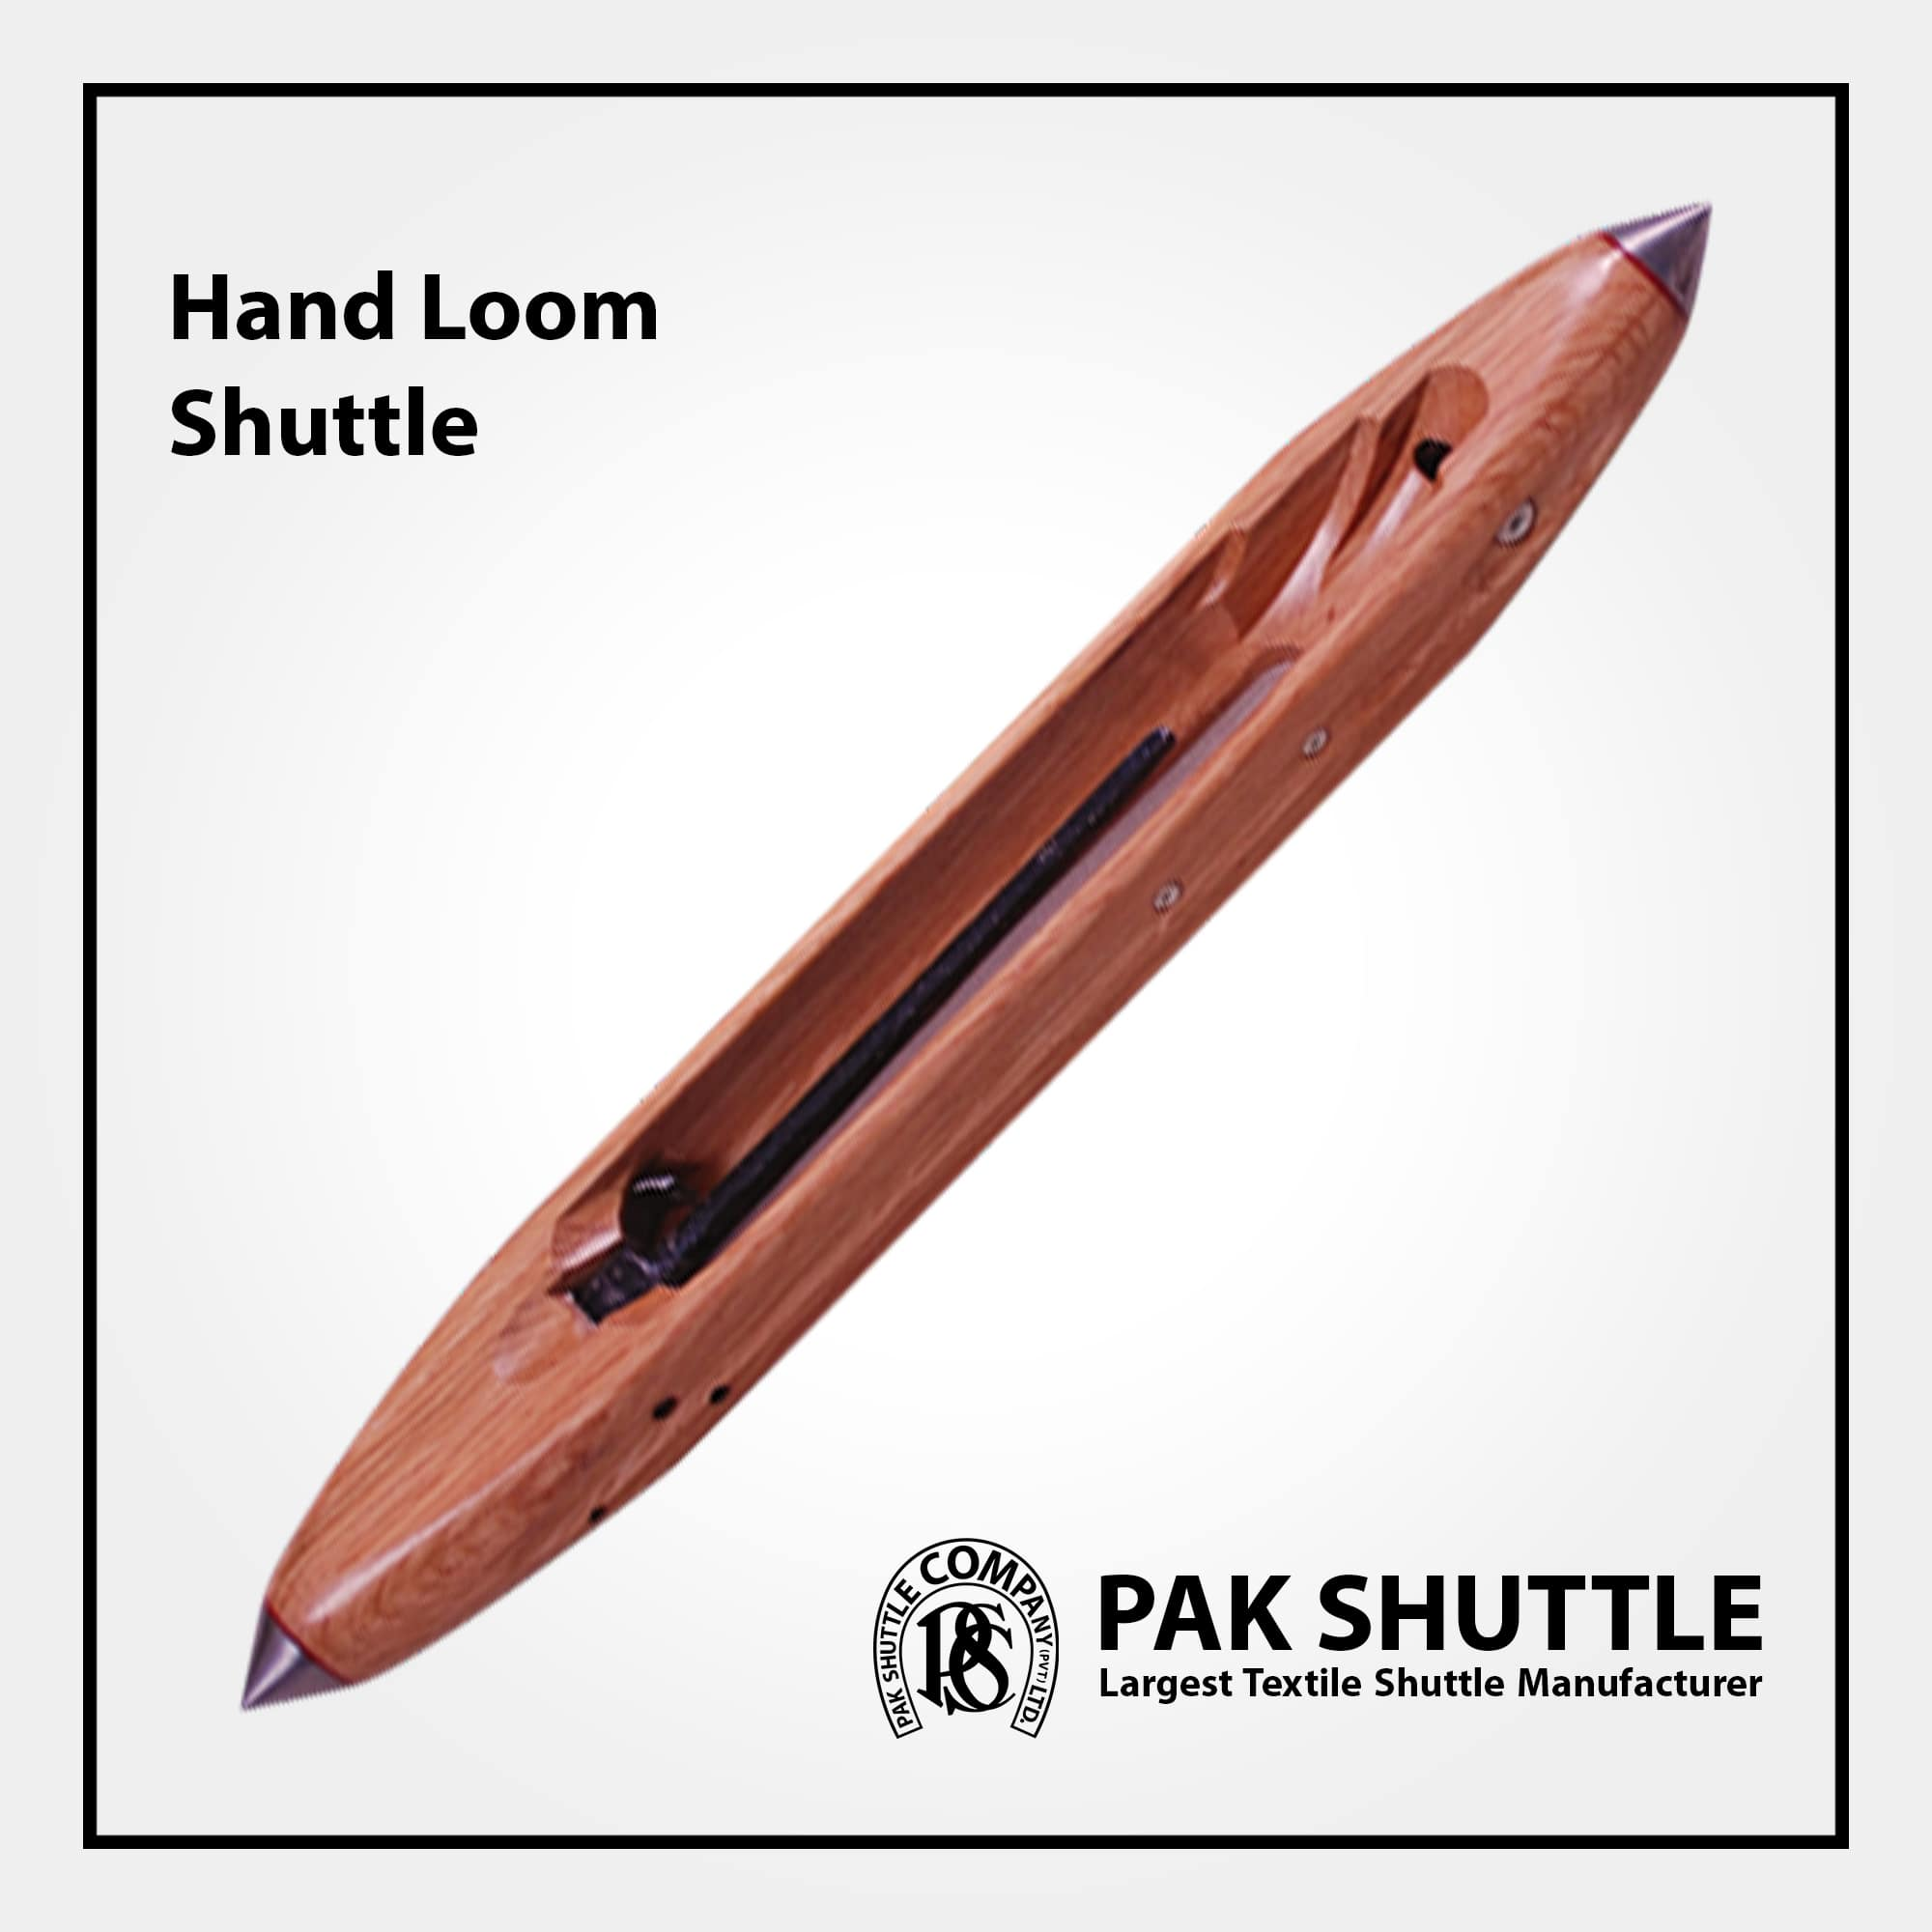 Hand Loom Shuttle by Pak Shuttle Company Pvt Ltd.